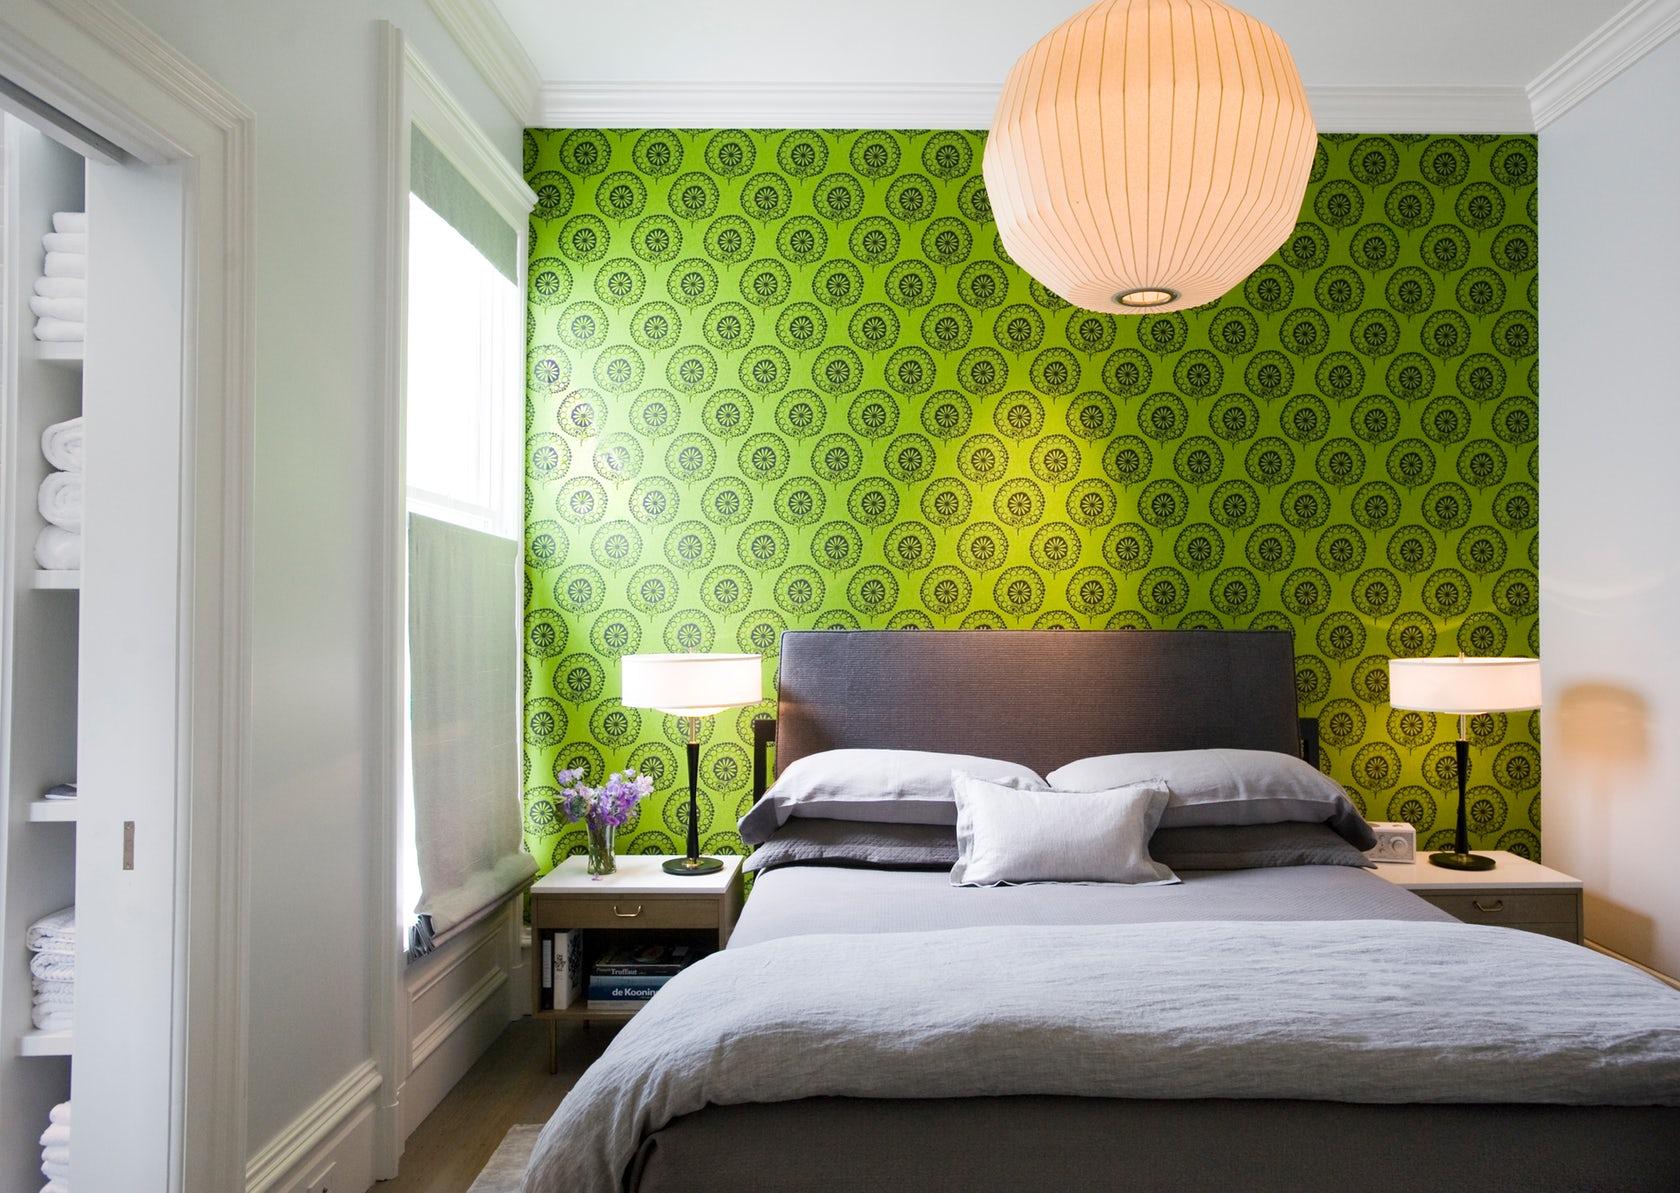 Пестрые зеленые обои помогут подчеркнуть стиль фьюжн